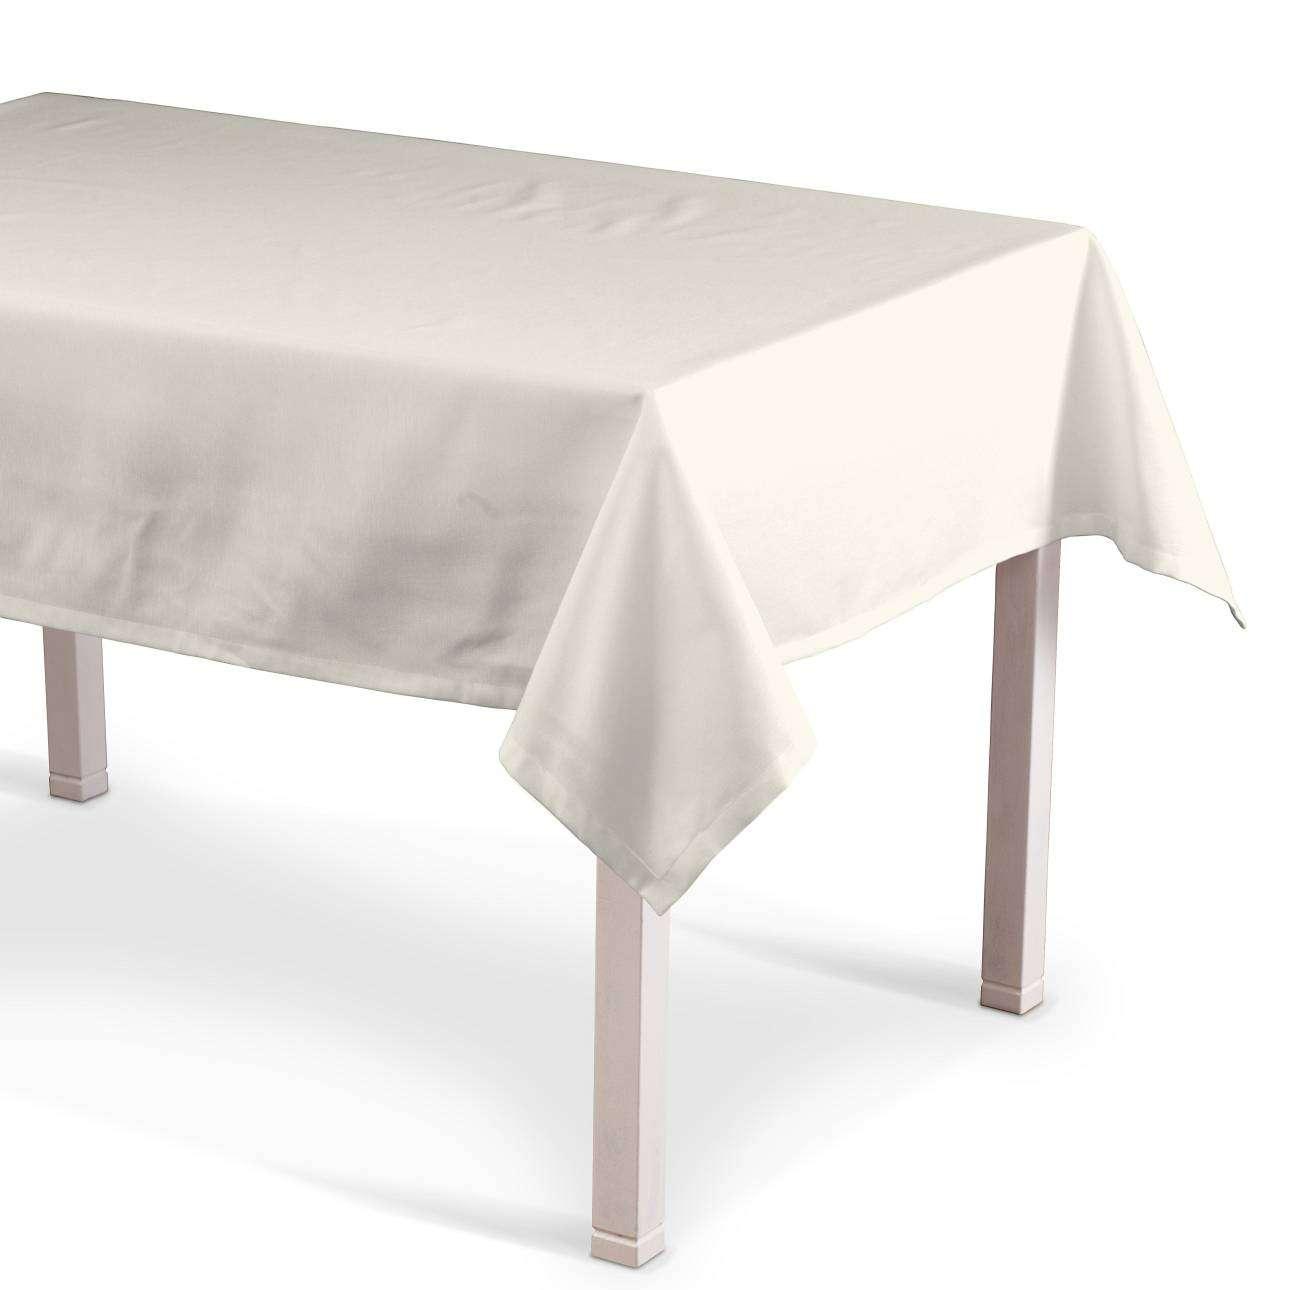 Rechteckige Tischdecke 130 x 130 cm von der Kollektion Jupiter, Stoff: 127-00